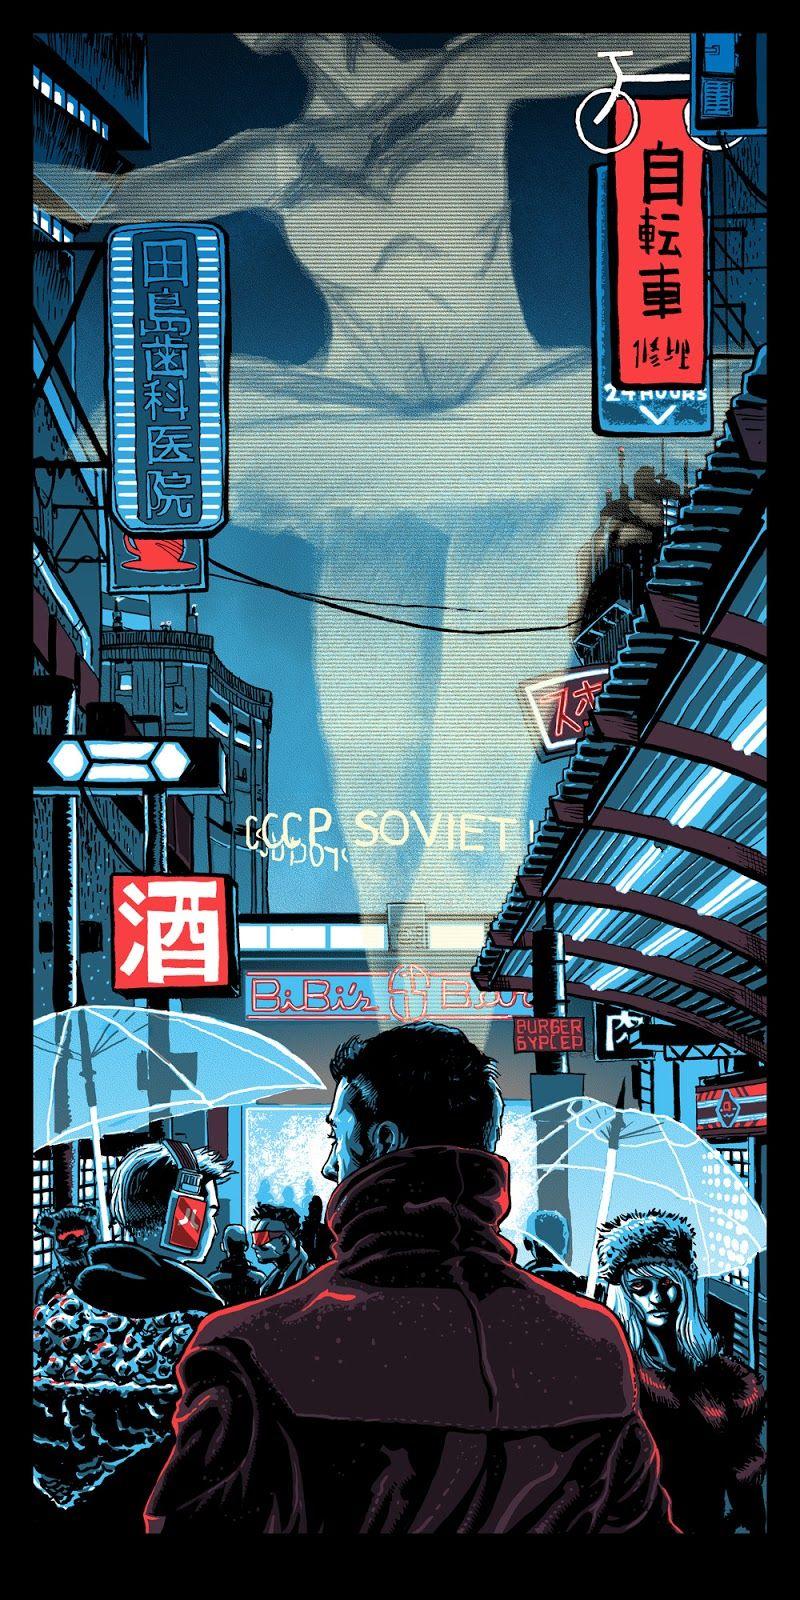 Blade Runner 2049 By Tim Doyle Jpg 800 1 600 Piks Blade Runner Art Blade Runner Cyberpunk